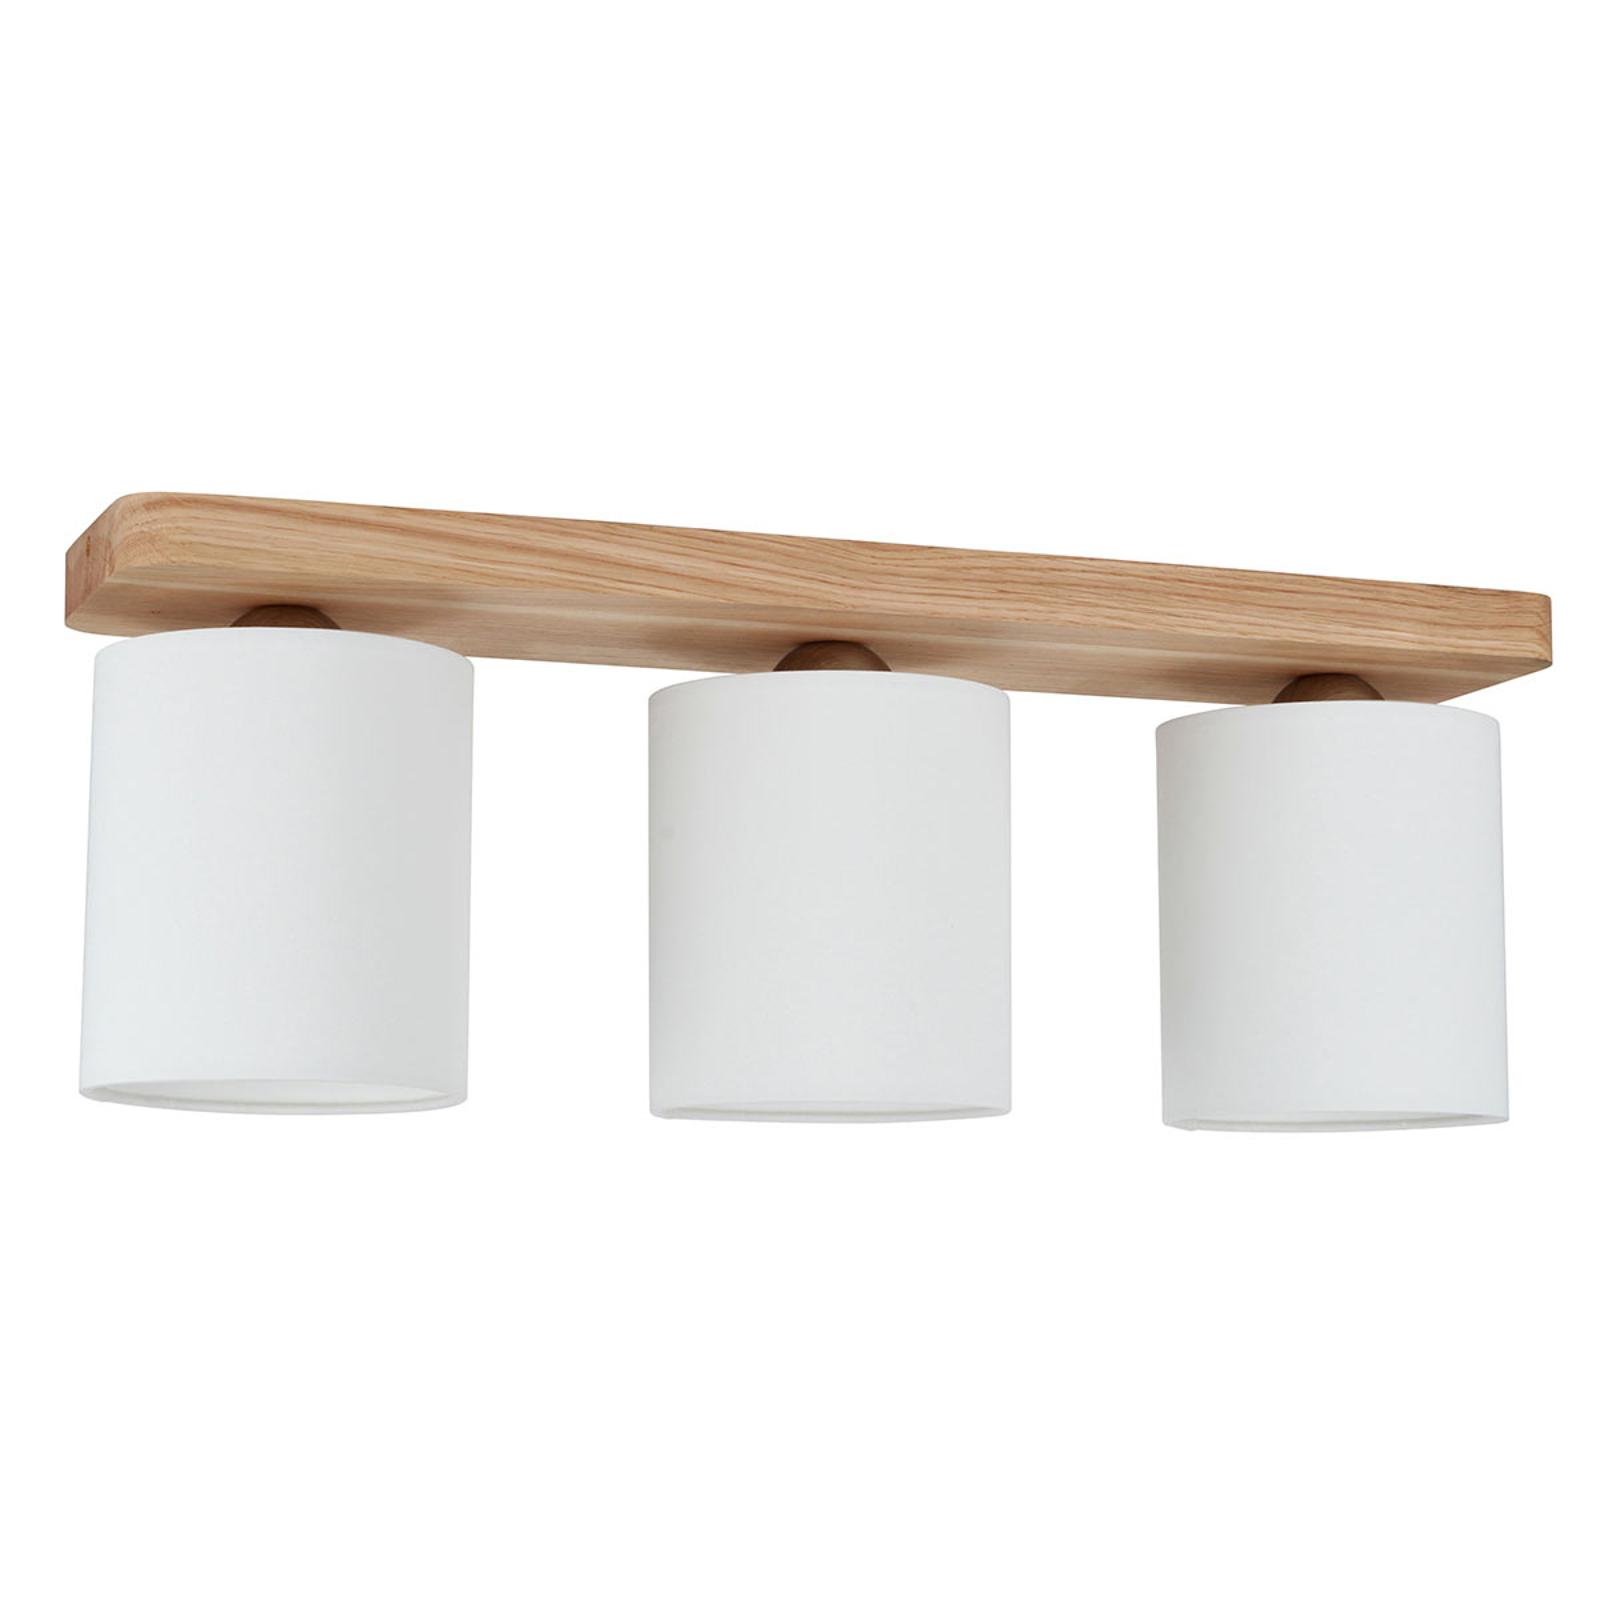 3-punktowa lampa sufitowa Jenta, rozeta z drewna